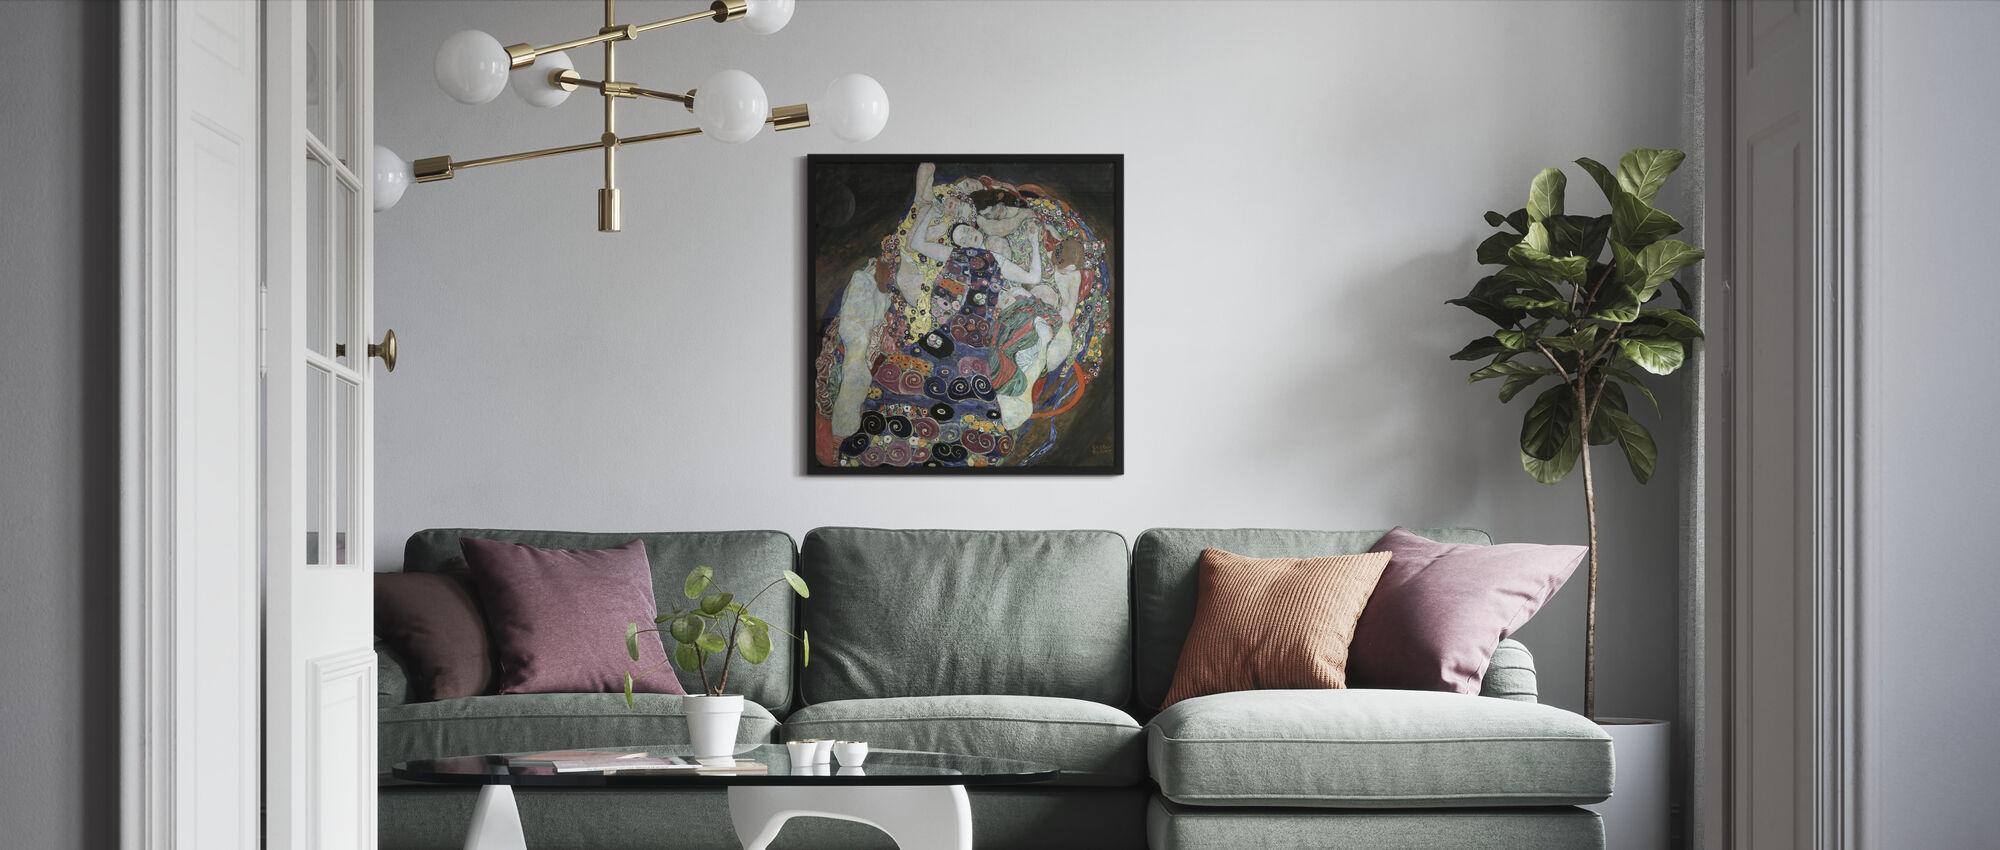 Maagd - Ingelijste print - Woonkamer